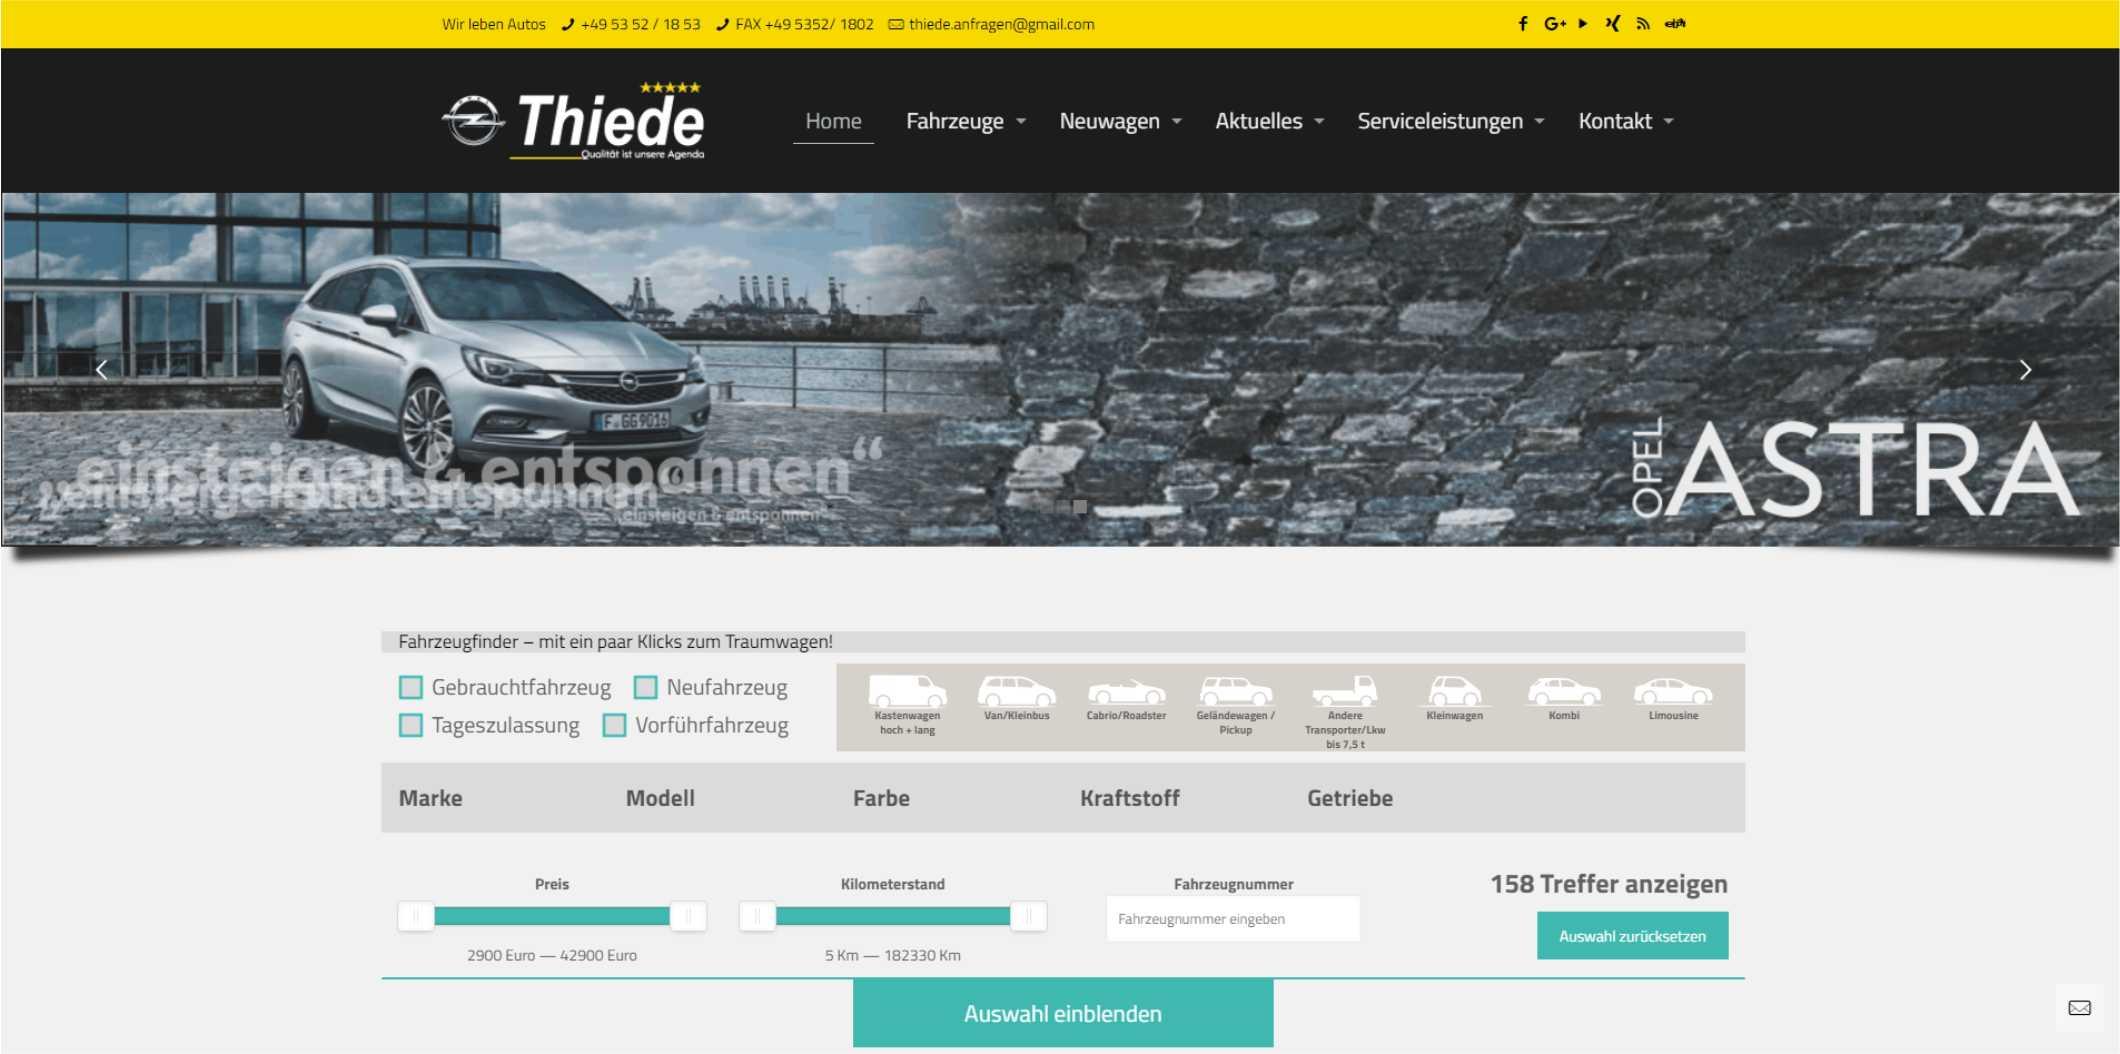 Suchfilter Neu-und Gebrauchtwagensuche Autohaus Thiede 05352/1853